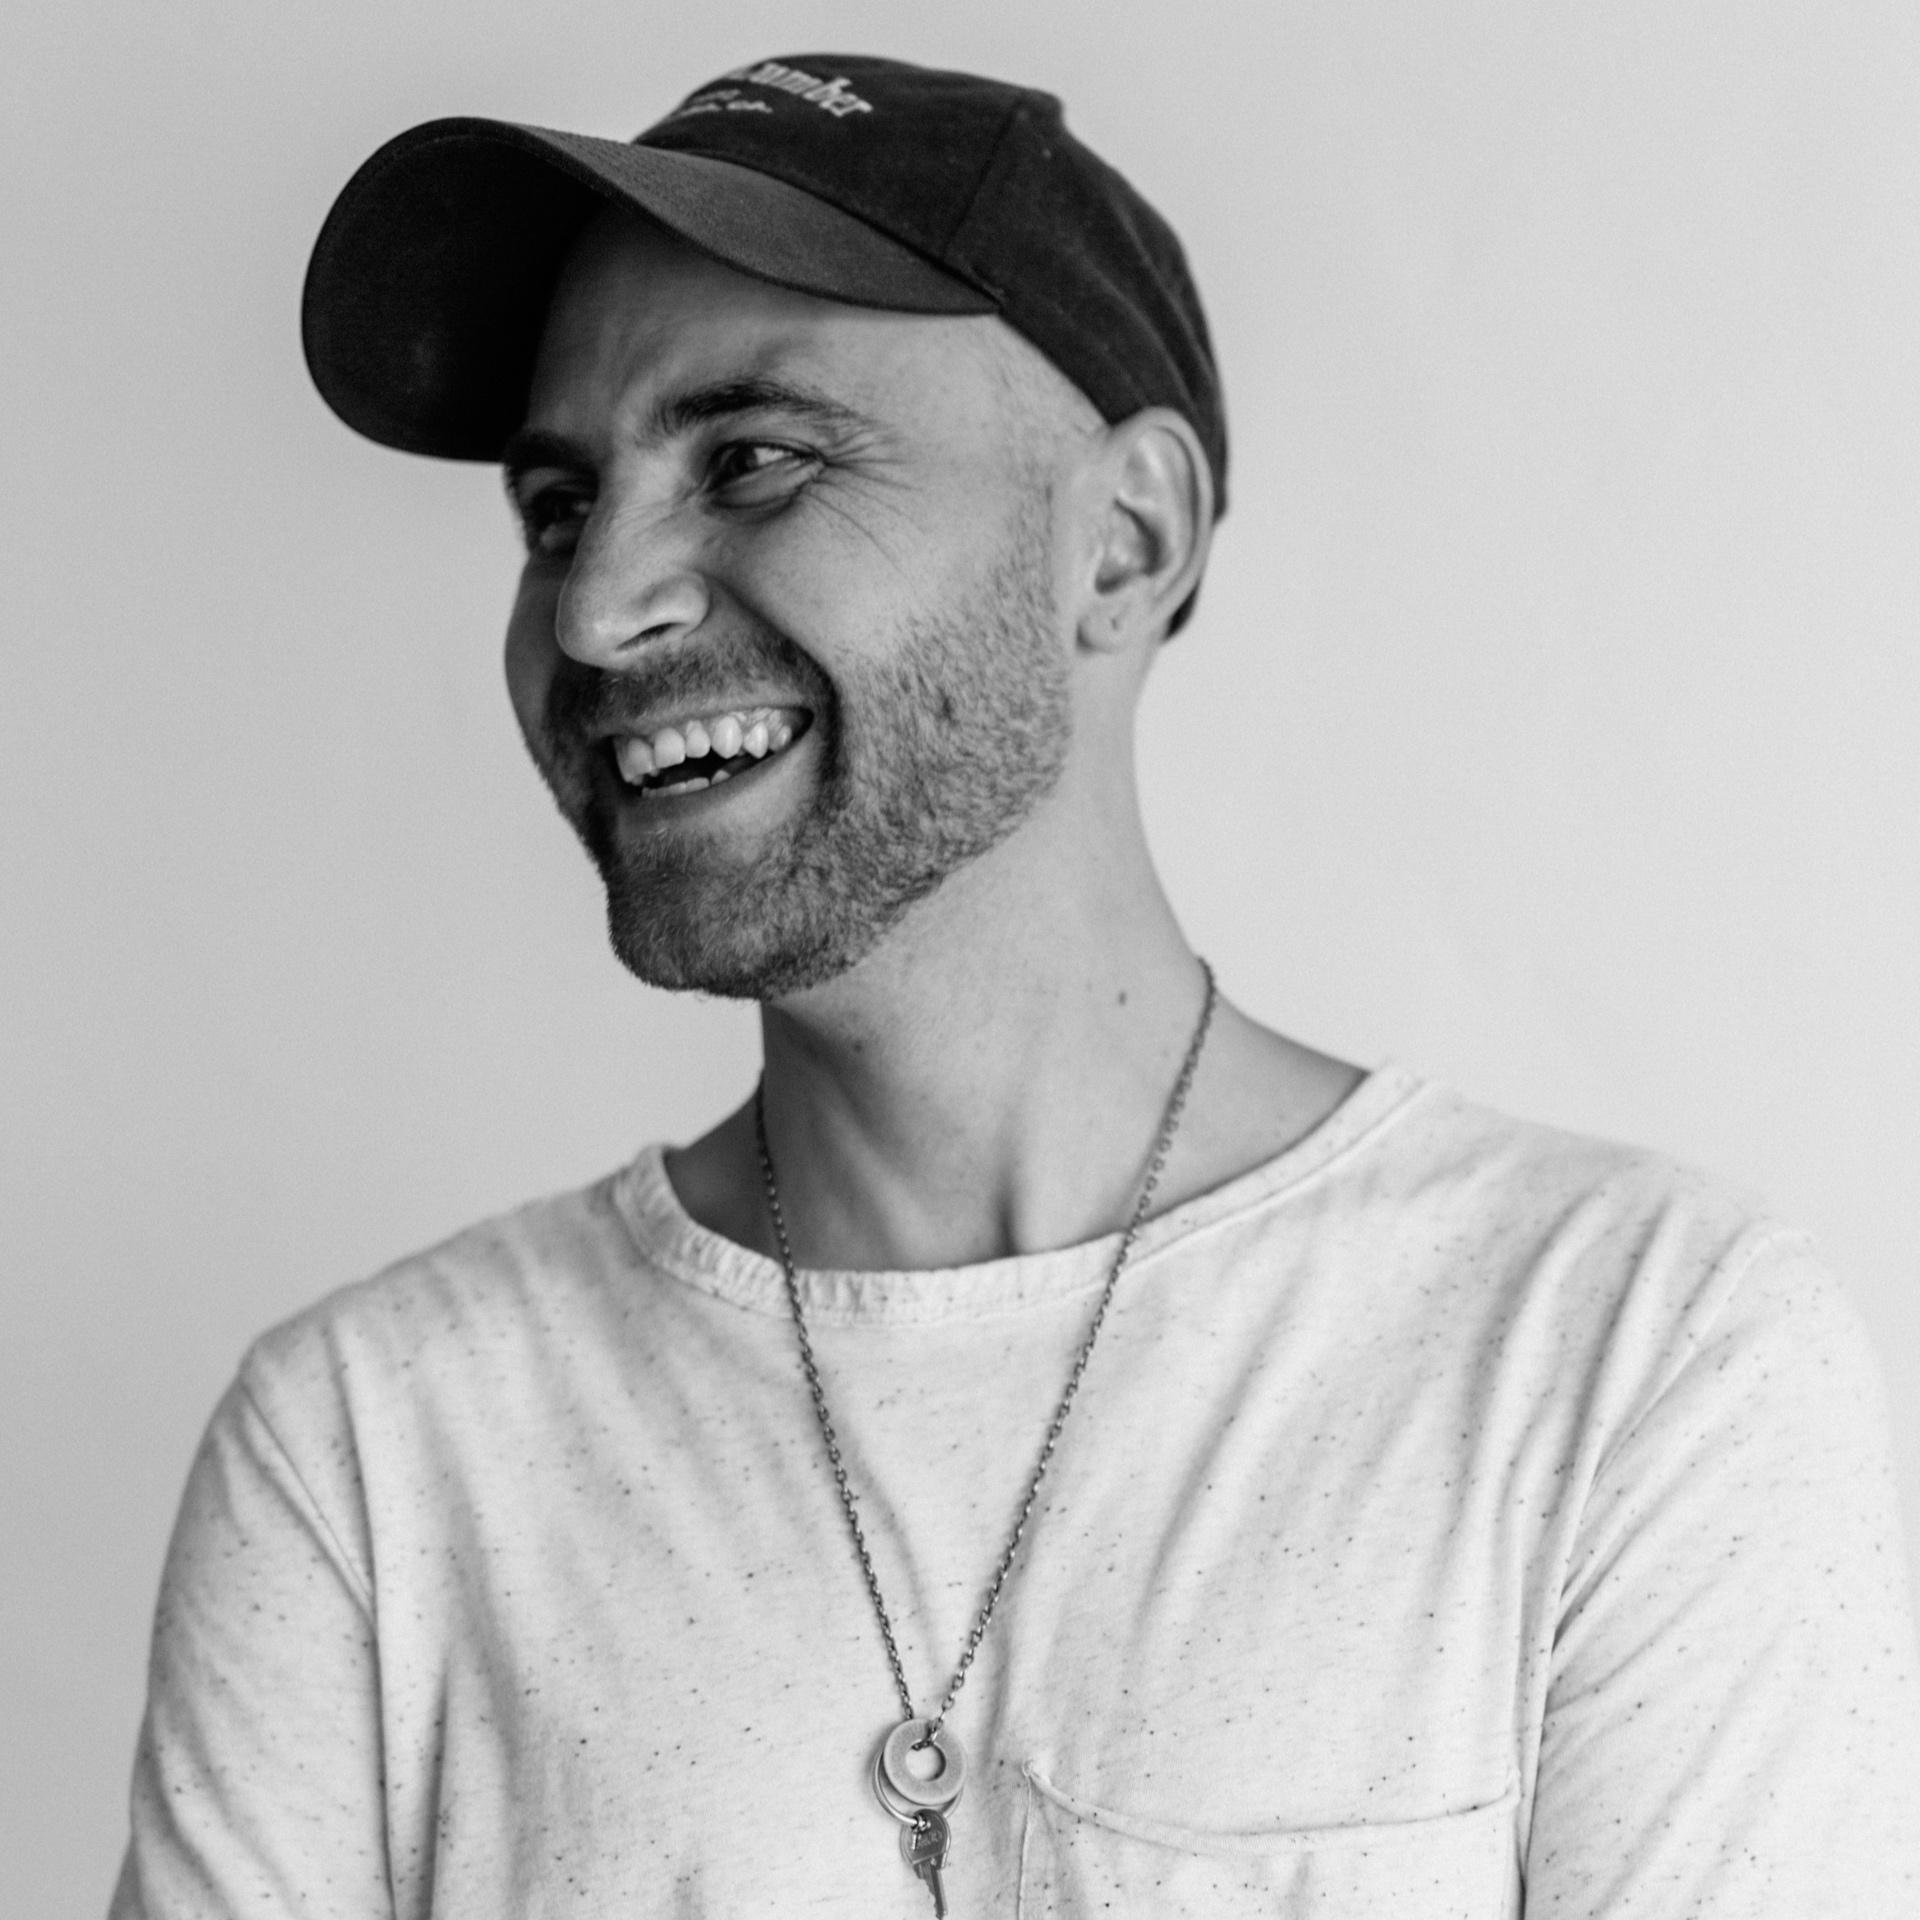 Chris north - Executive Producer / SalesCHRIS@TWOBRIDGESFILM.COM